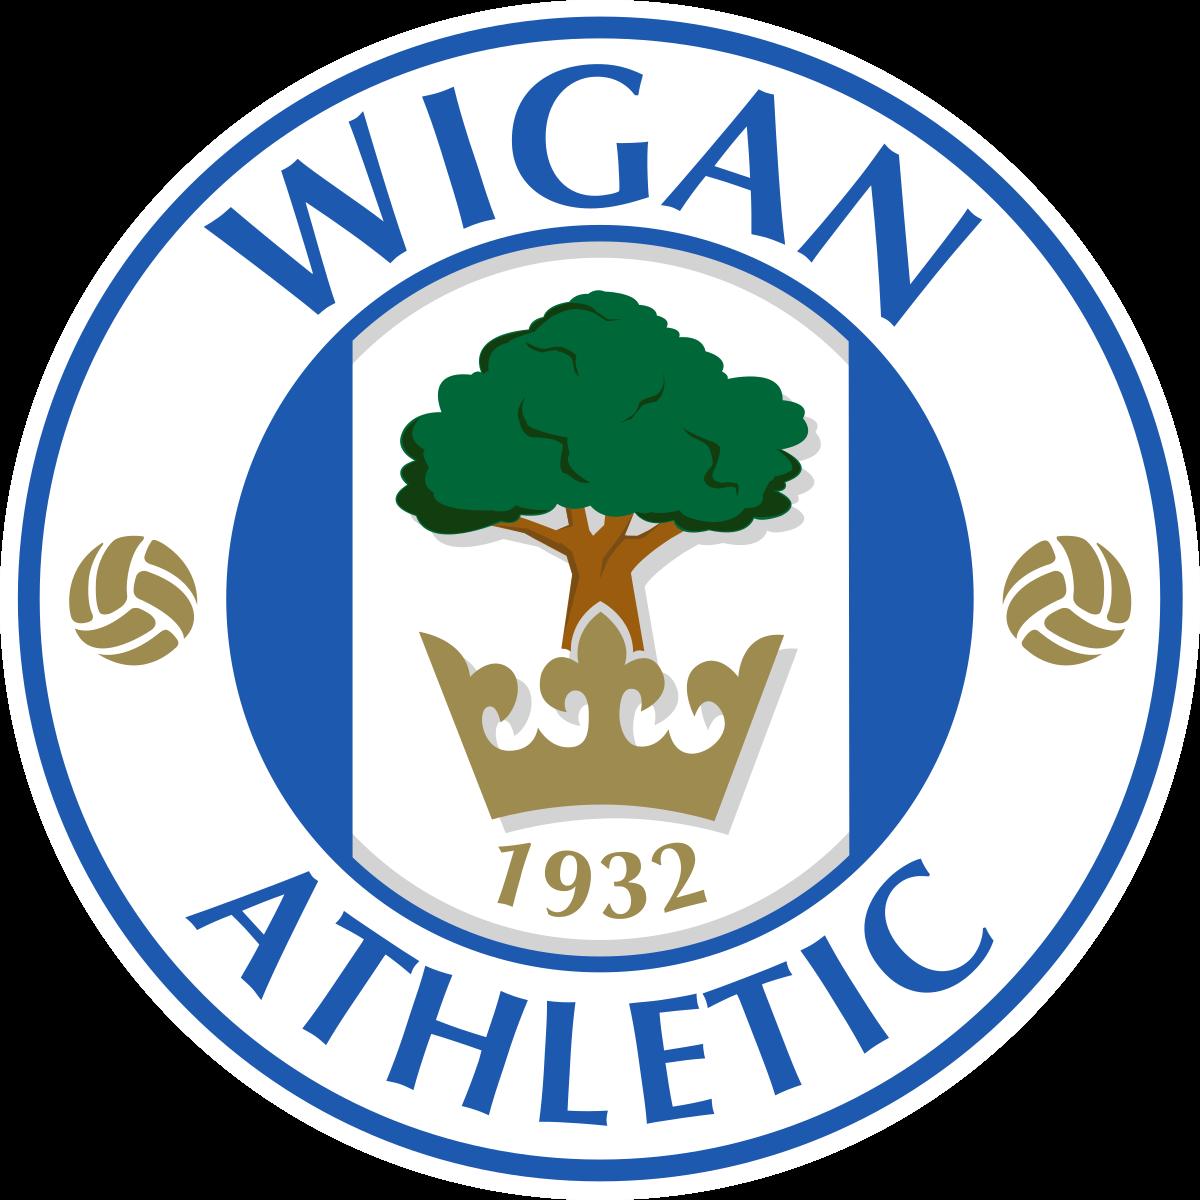 Wigan Athletic Logo EFL Championship (England) | English